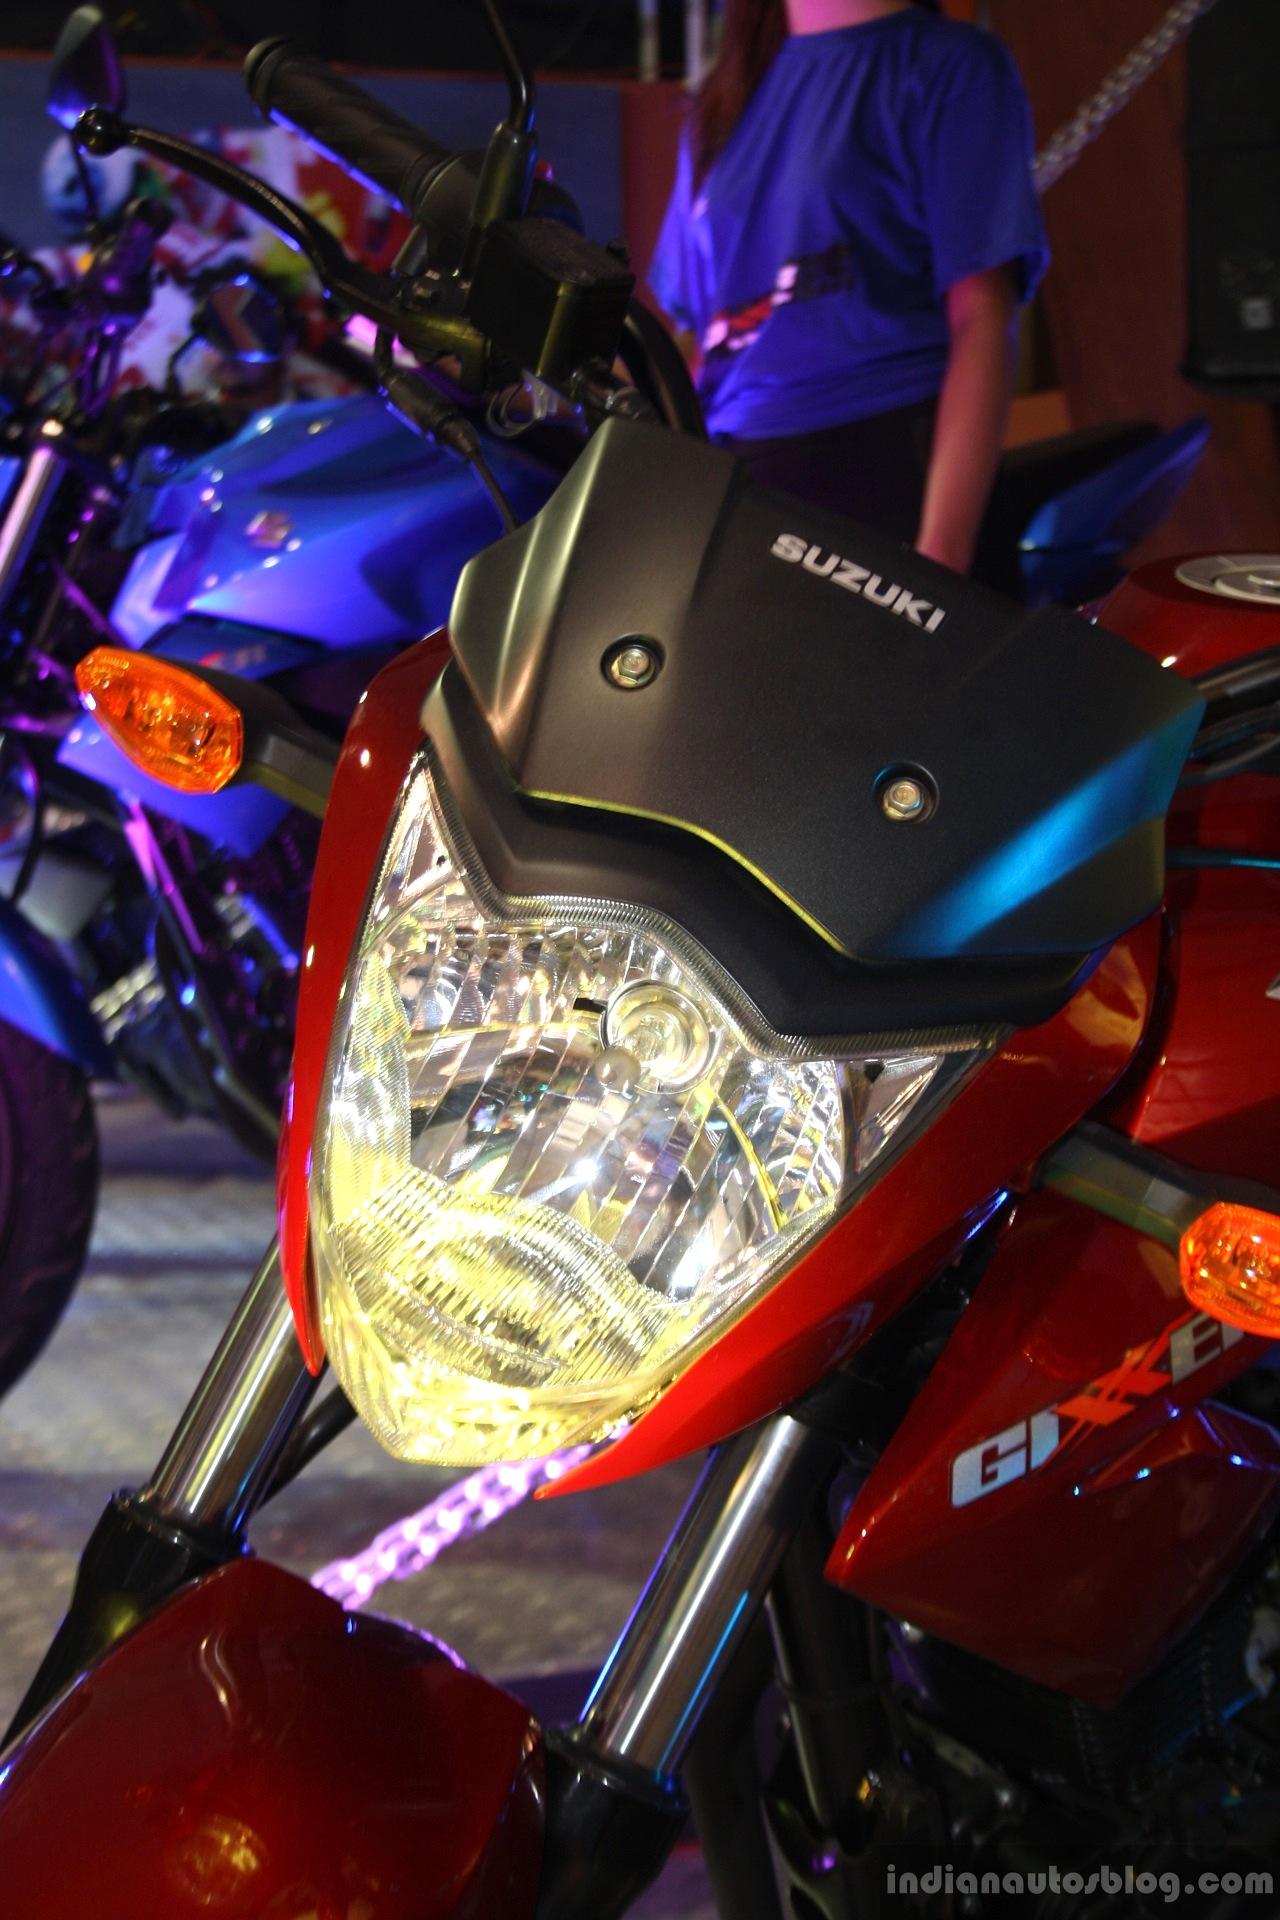 Suzuki Gixxer headlamp at the 2014 Nepal Auto Show